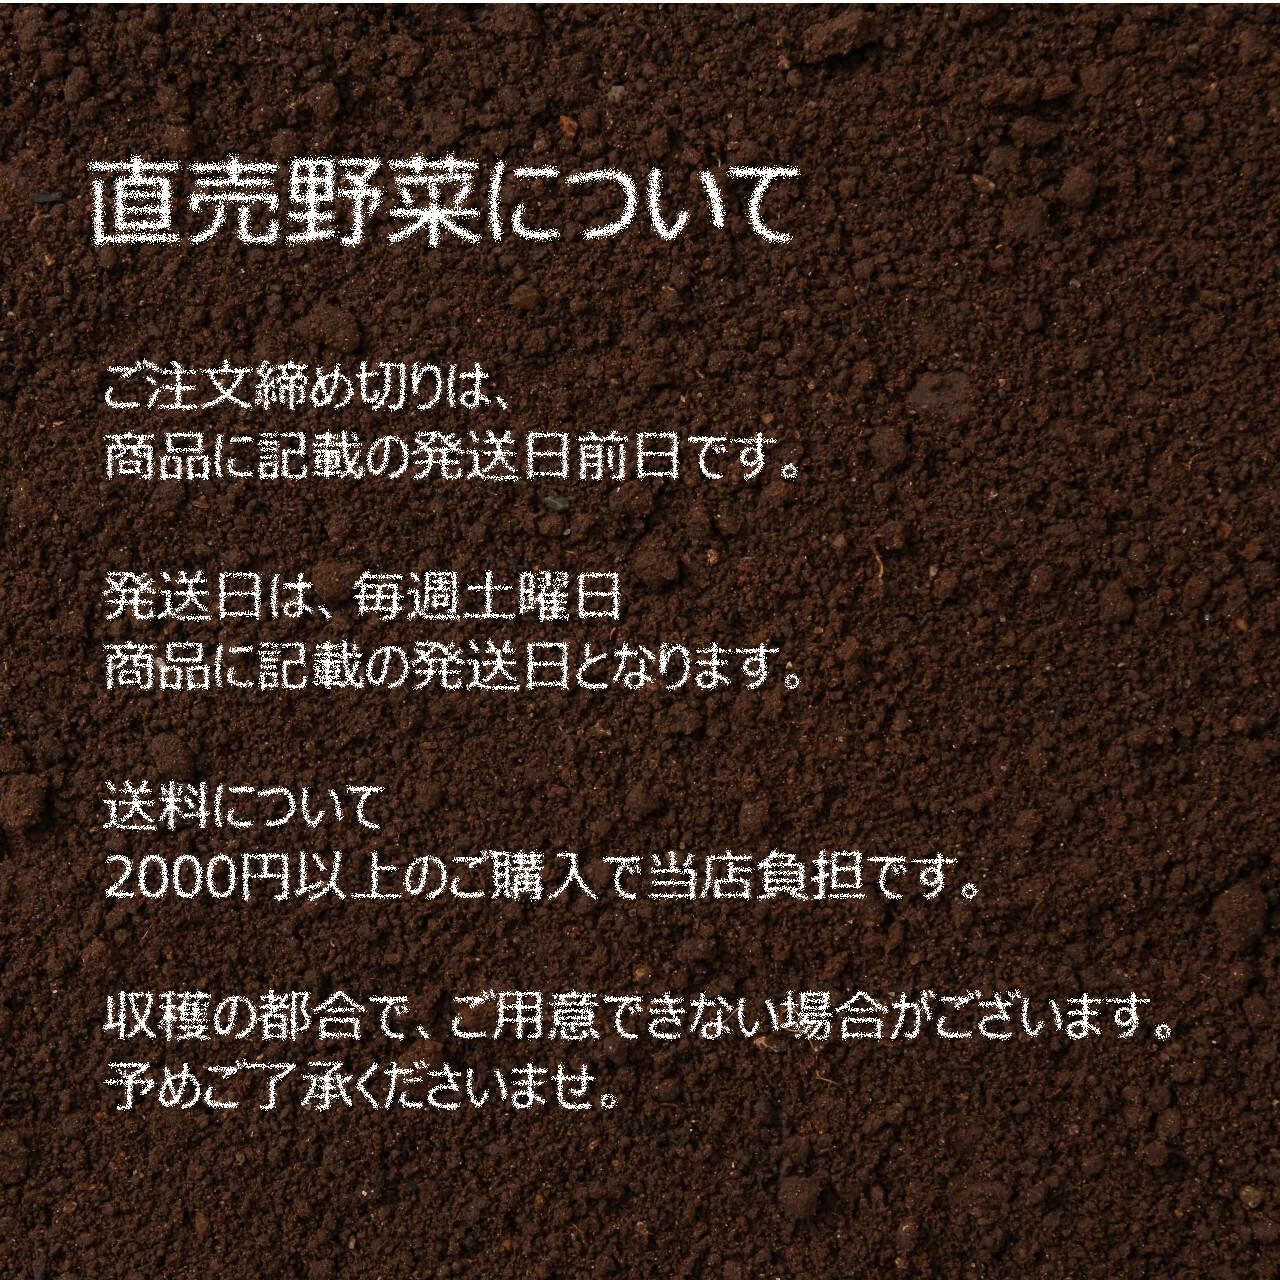 朝採り直売野菜 インゲン 100g 5月18日発送予定